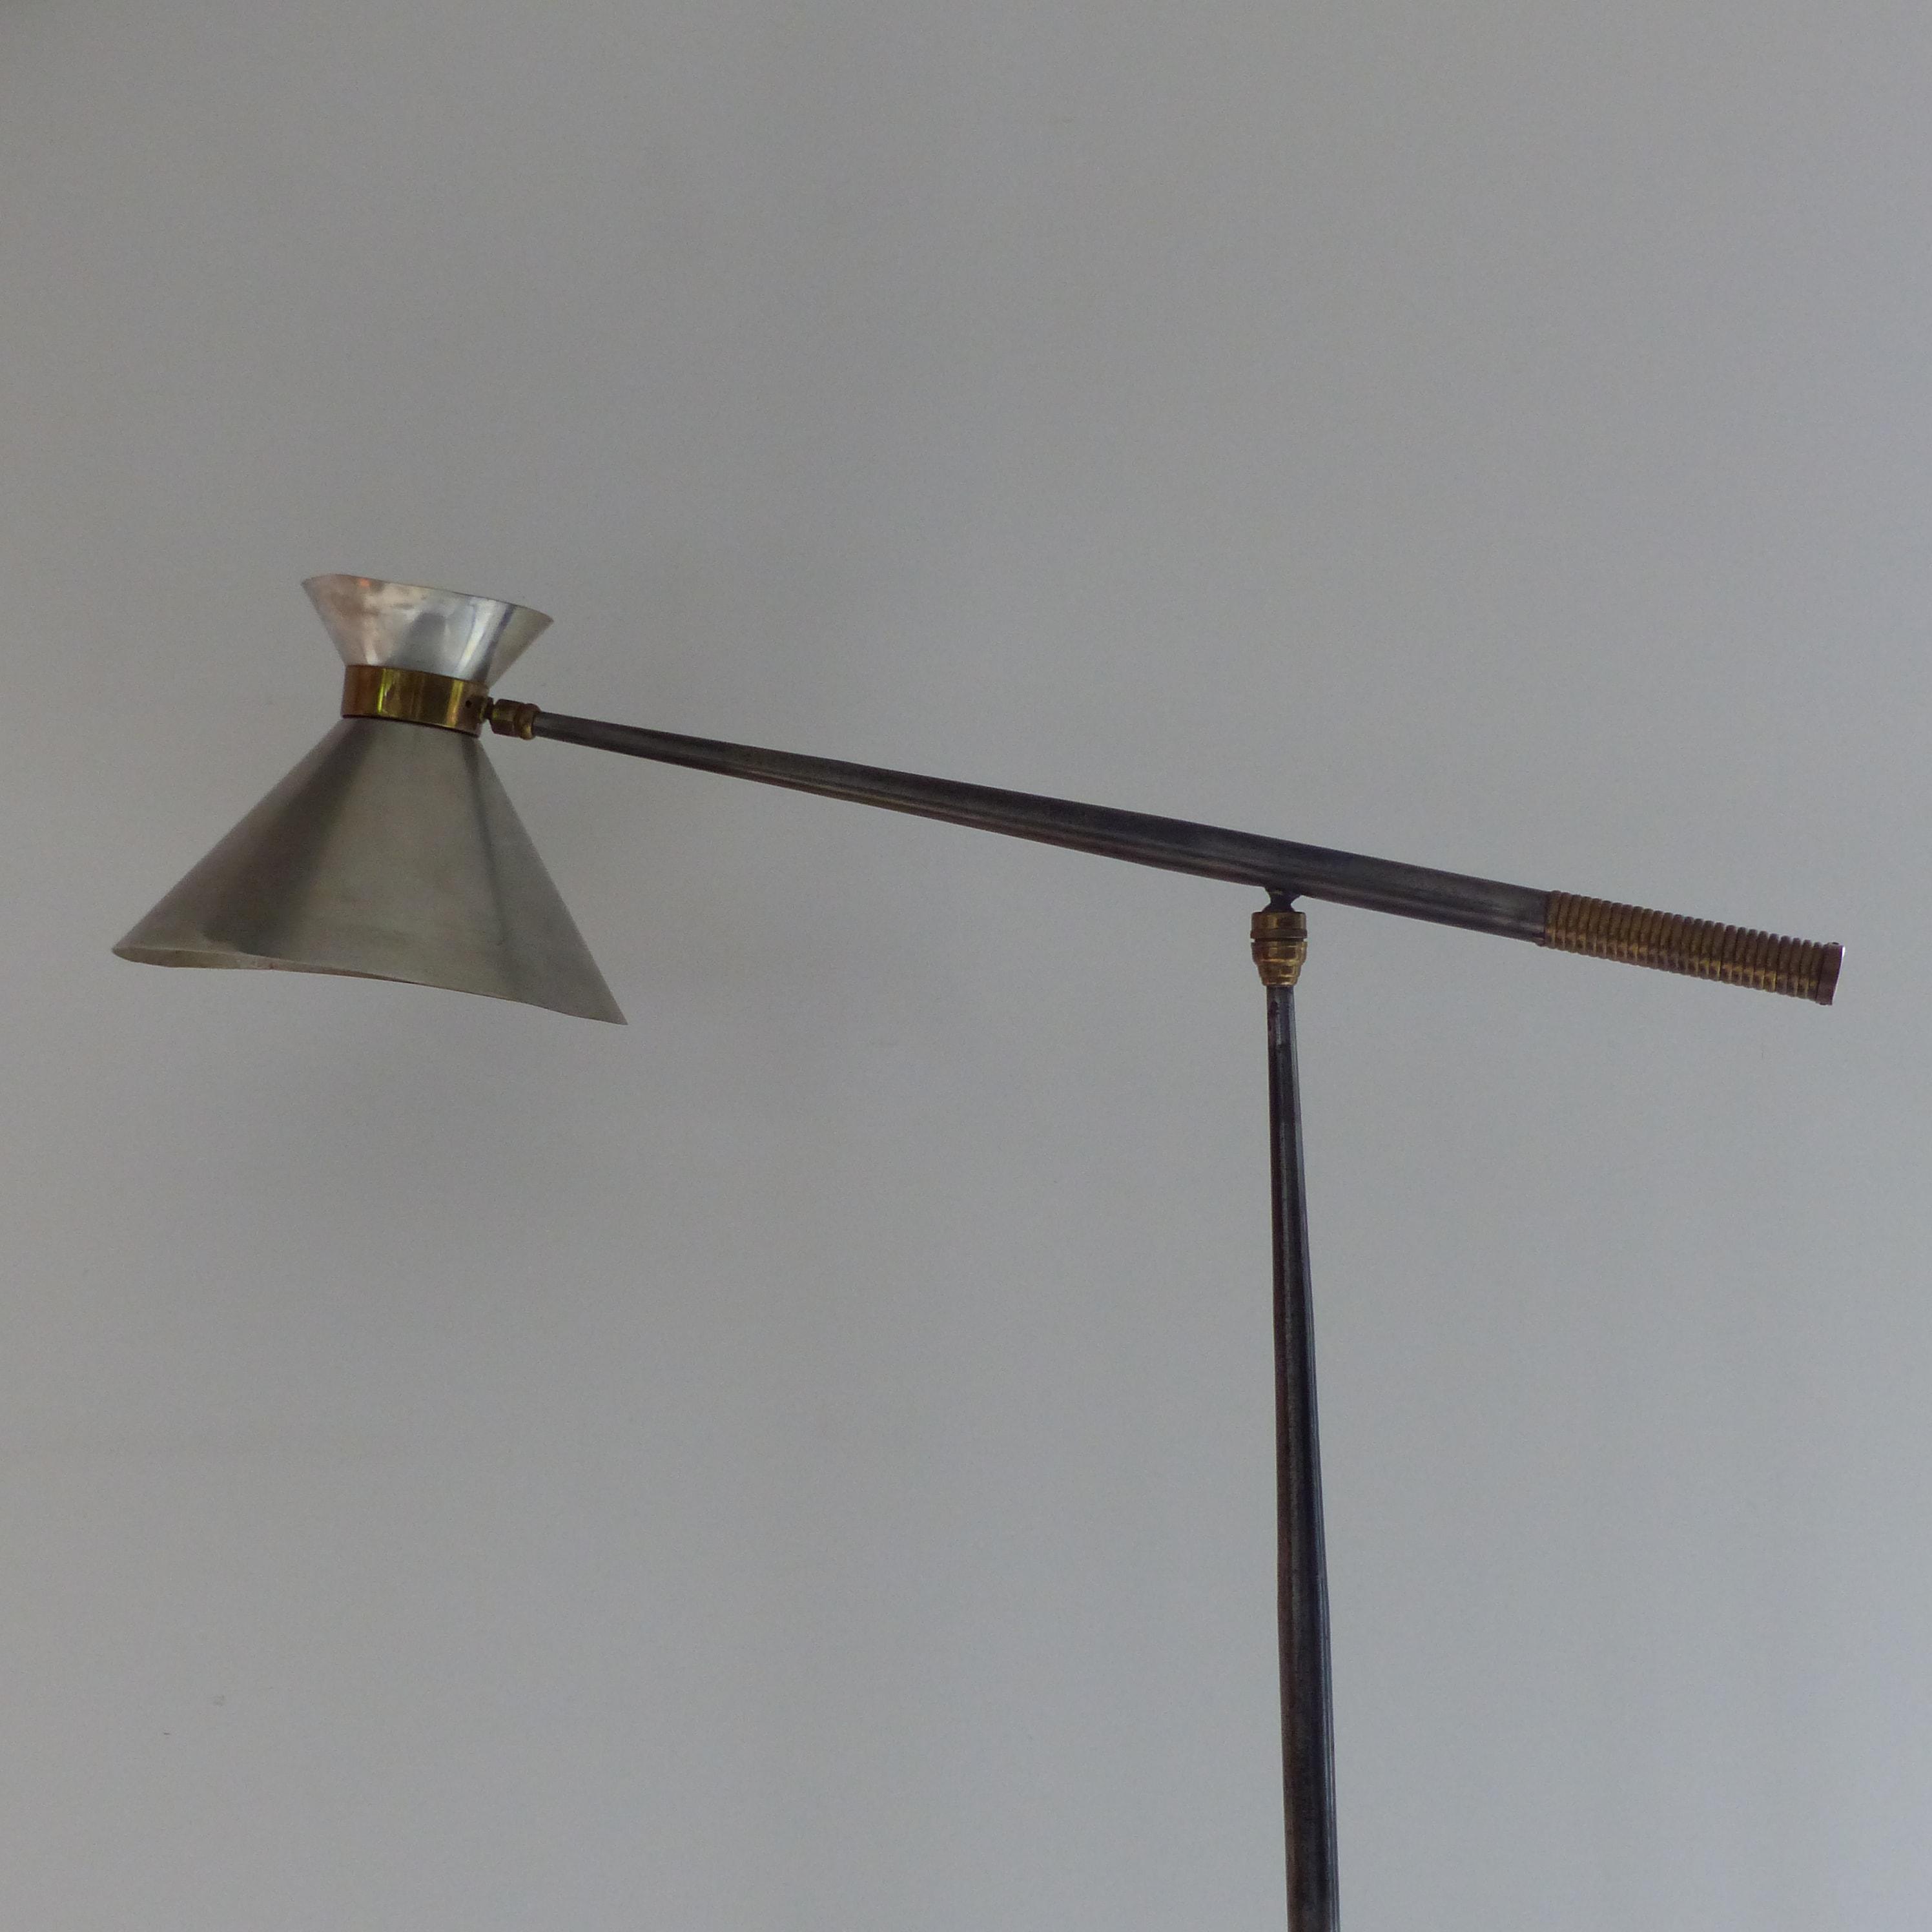 lampadaire diabolo articul en m tal lignedebrocante brocante en ligne chine pour vous. Black Bedroom Furniture Sets. Home Design Ideas